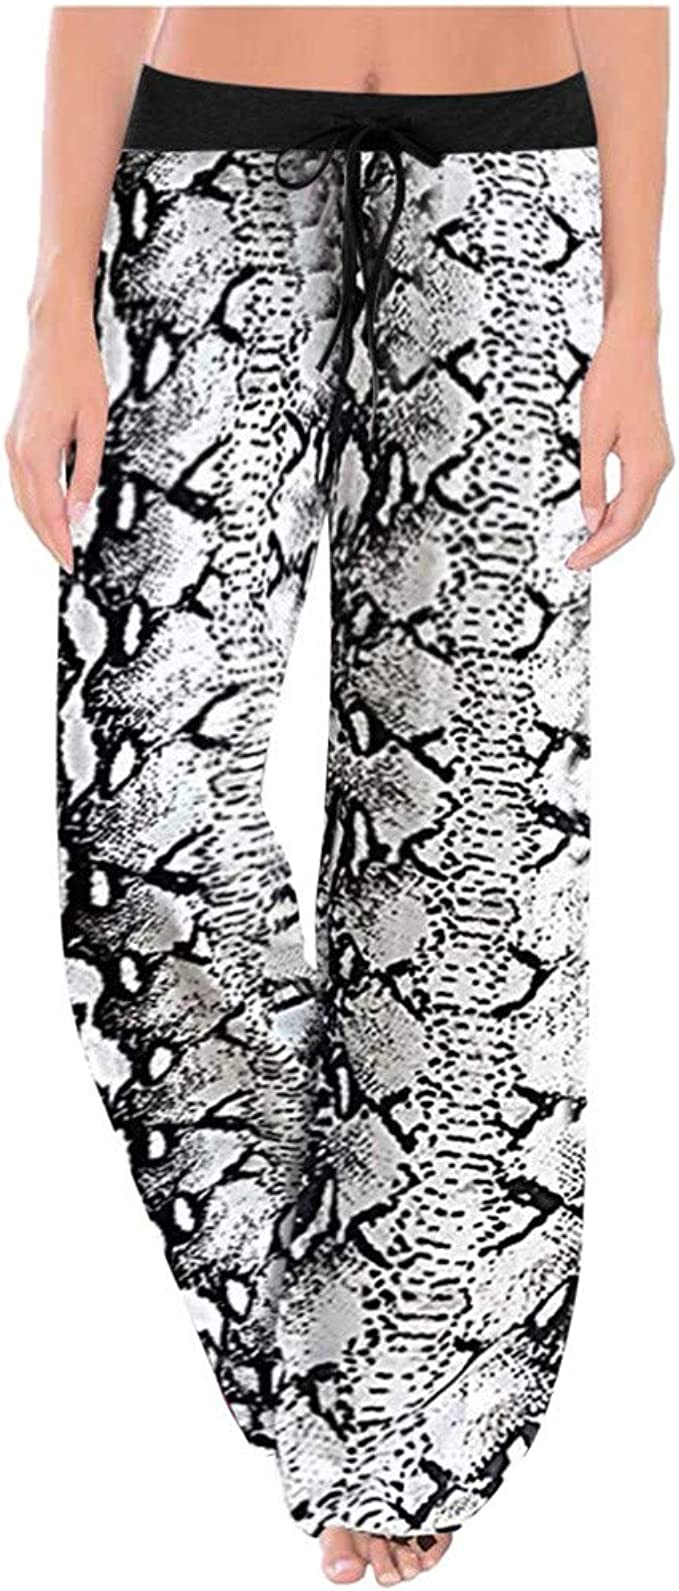 Mens Stain Plus Lounge Pants Floral Printed Pyjama Bottoms Nightwear Loose Pants